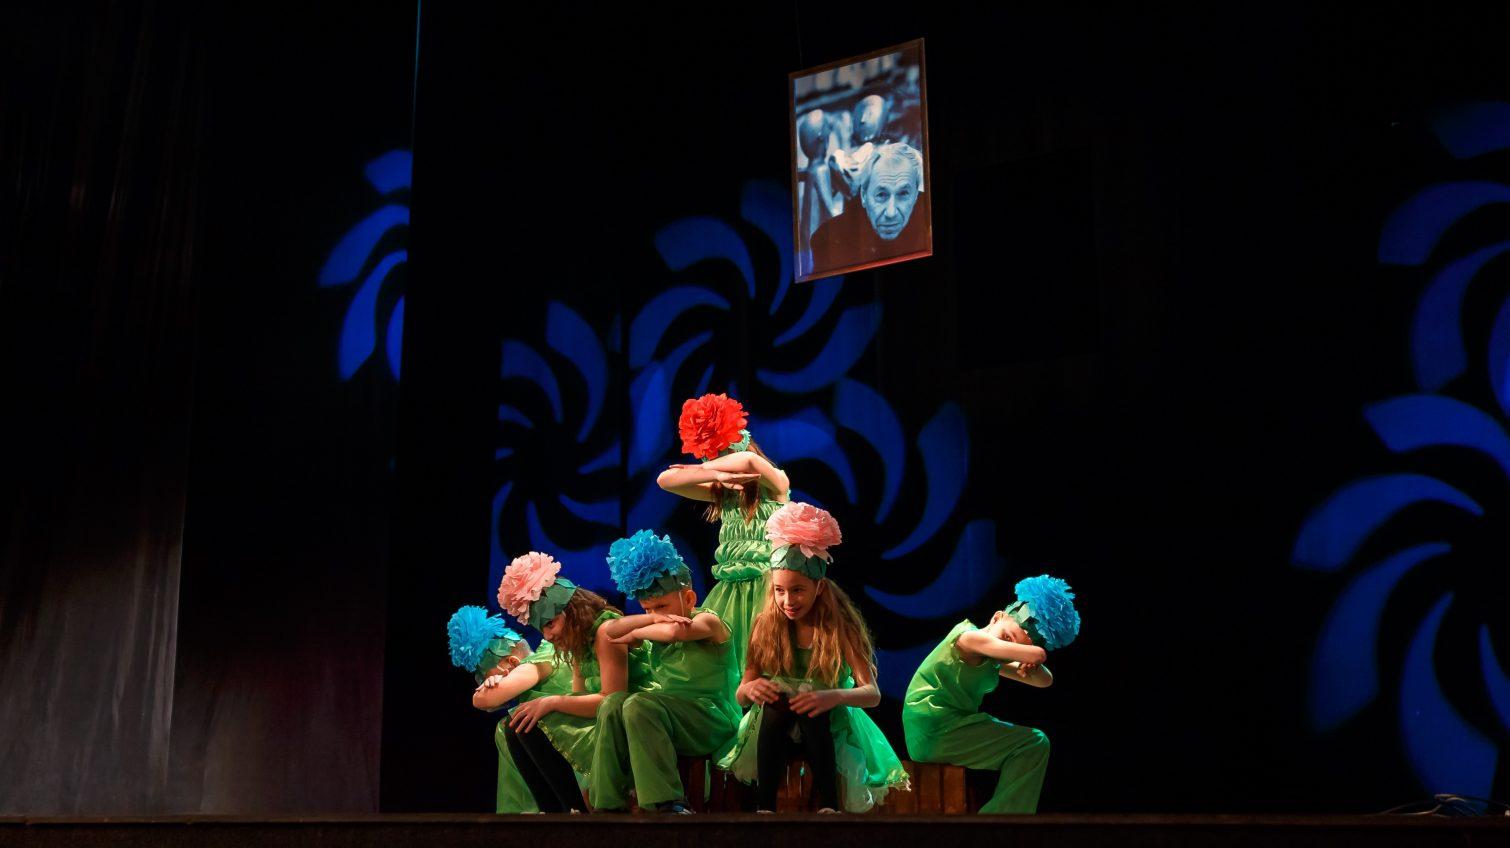 В ТЮЗе начался театральный фестиваль детей с инвалидностью памяти Бориса Литвака (фото) «фото»